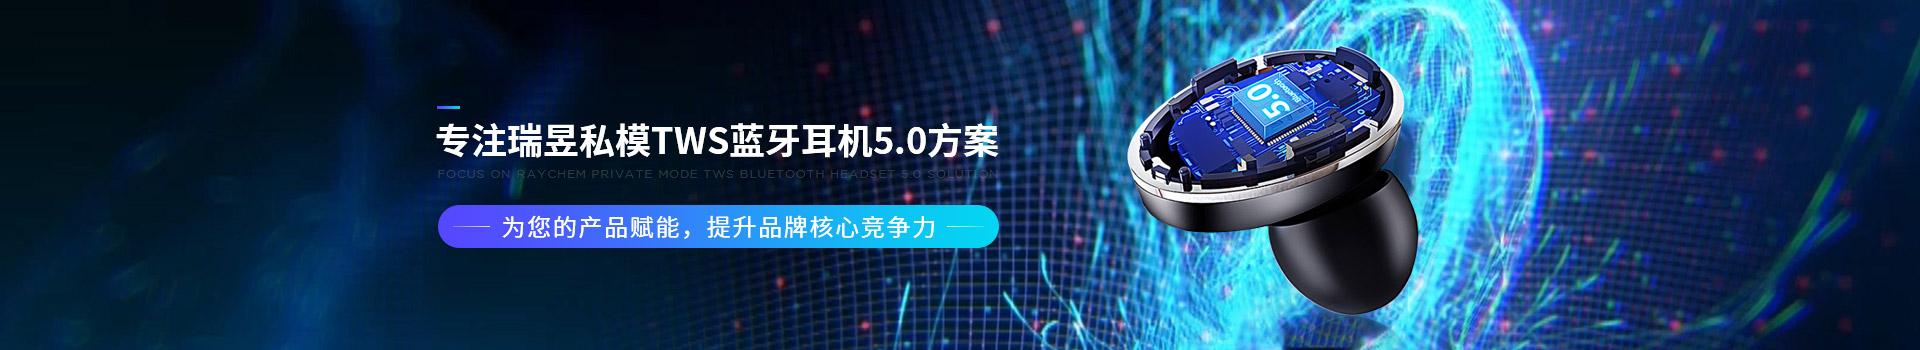 新世技术-专注瑞昱私模TWS蓝牙耳机5.0方案